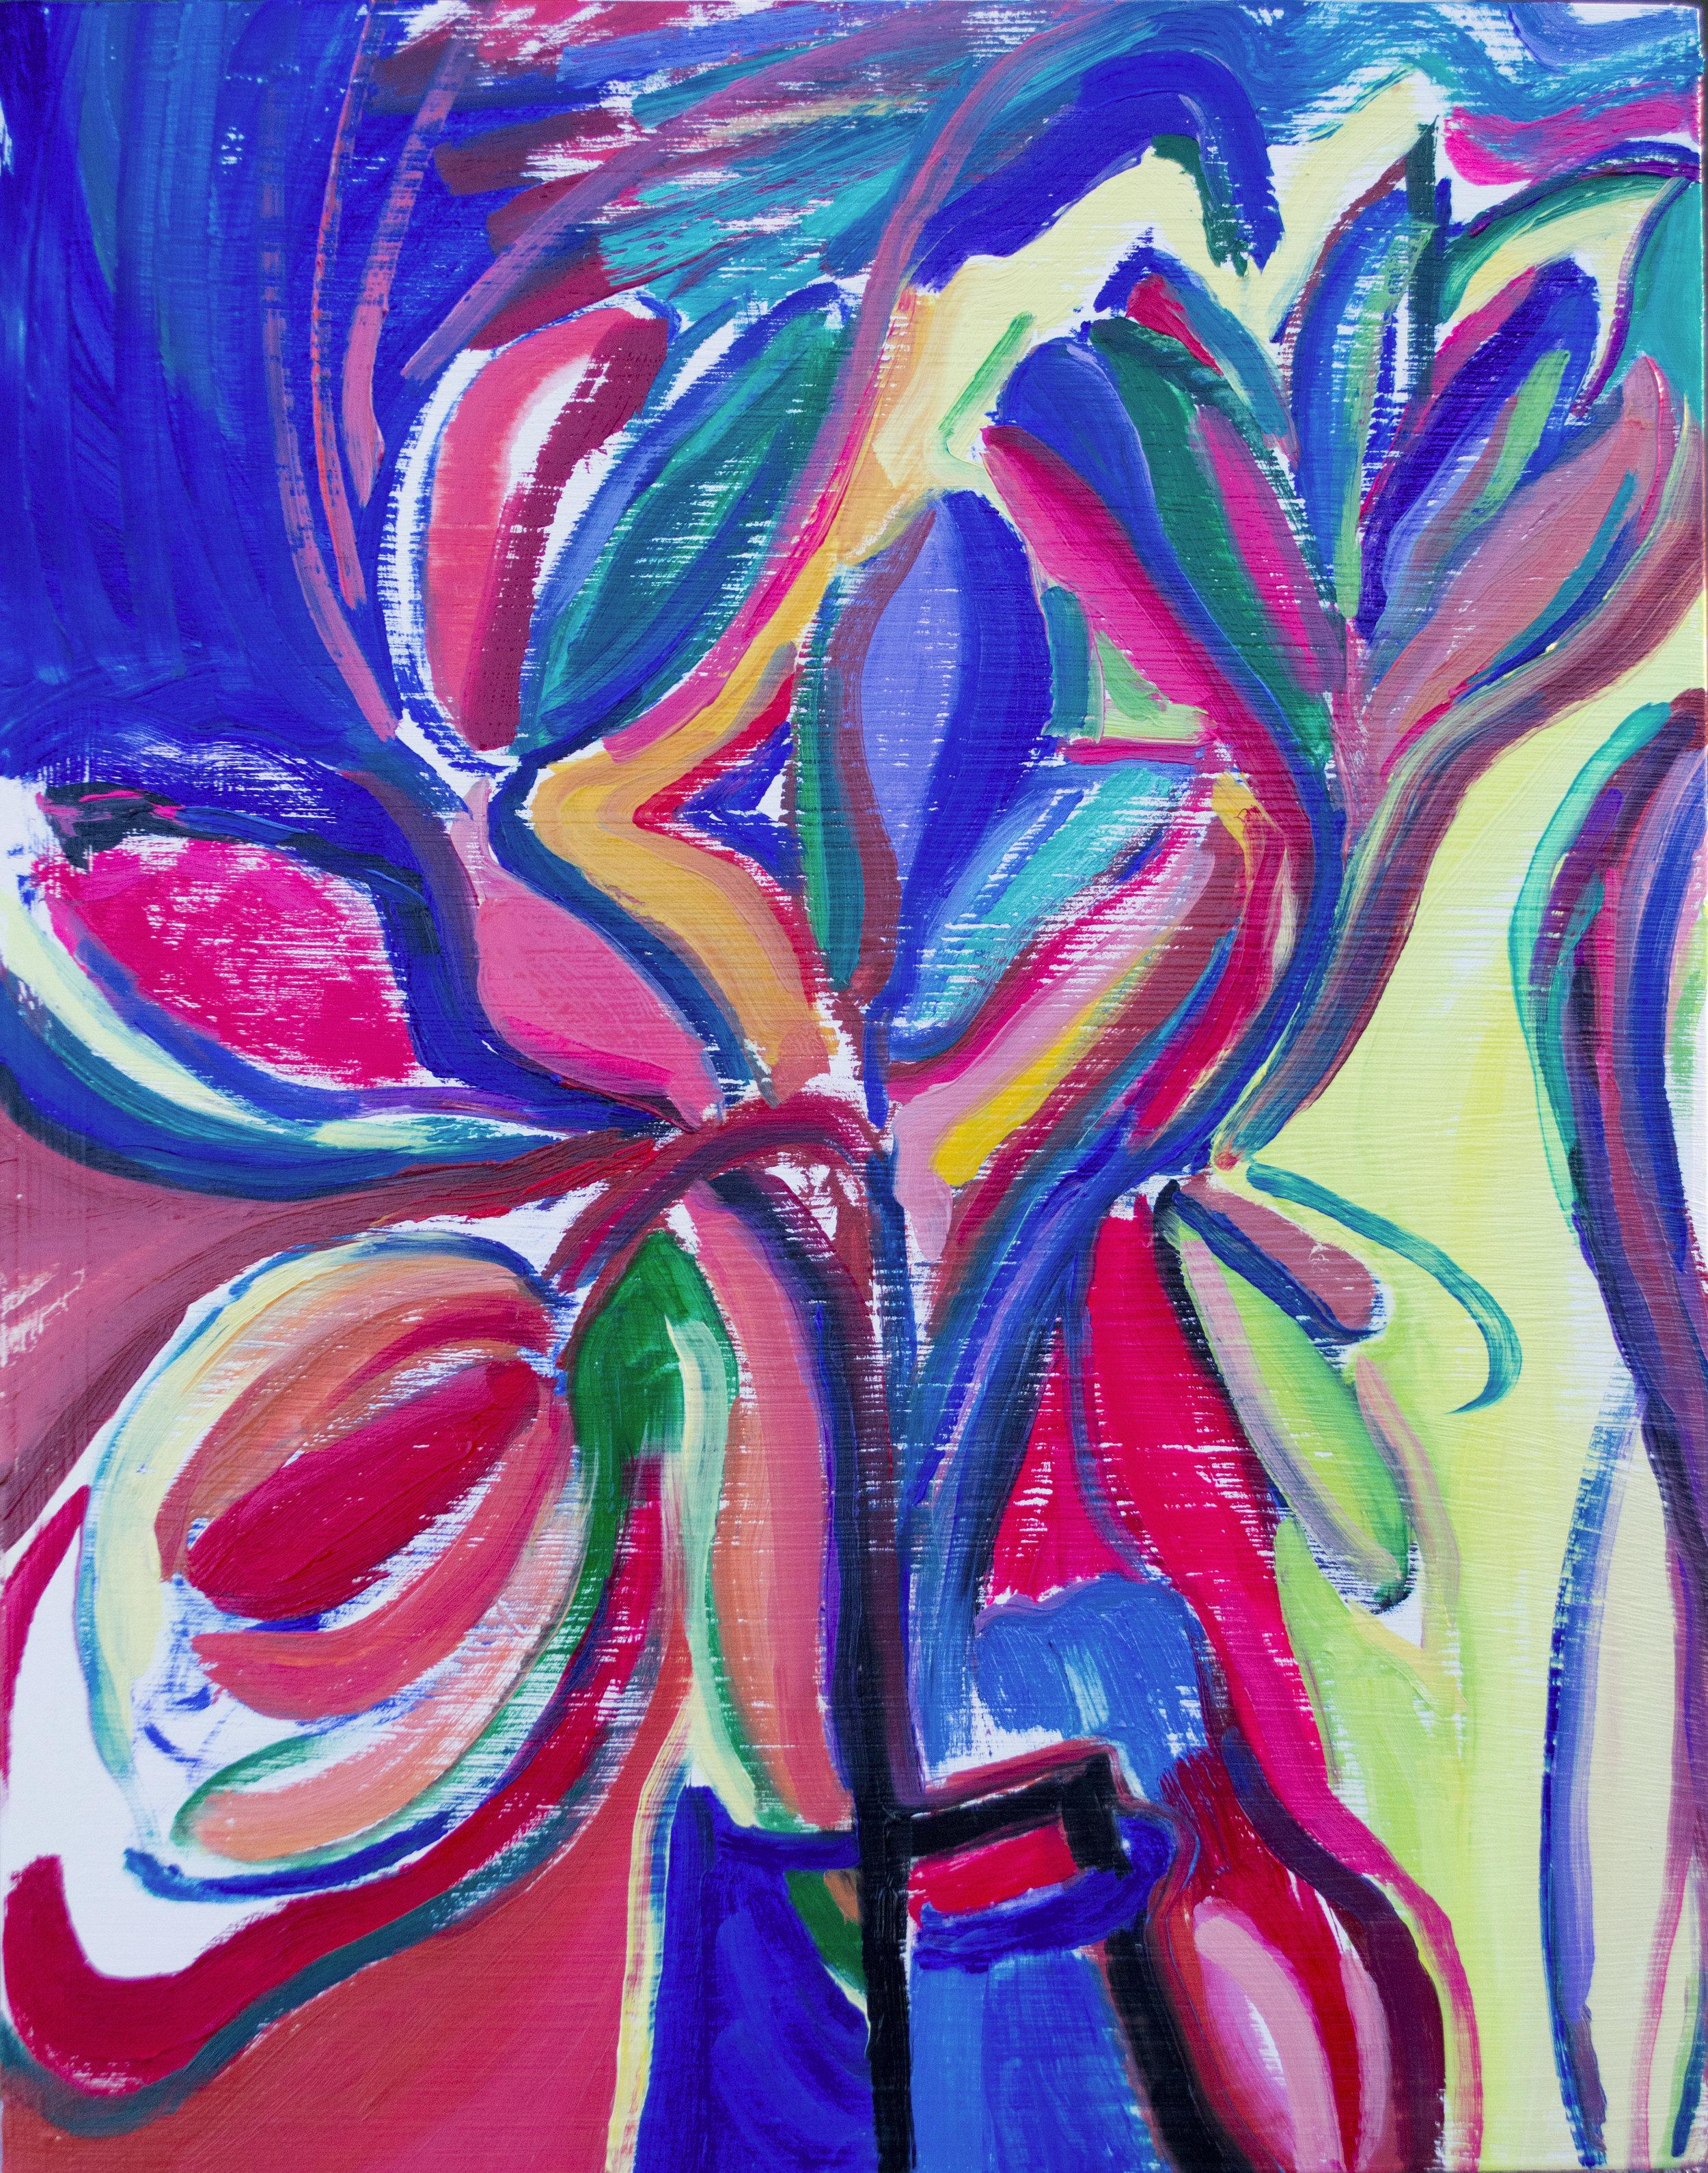 Tulips (of u, 4 u)